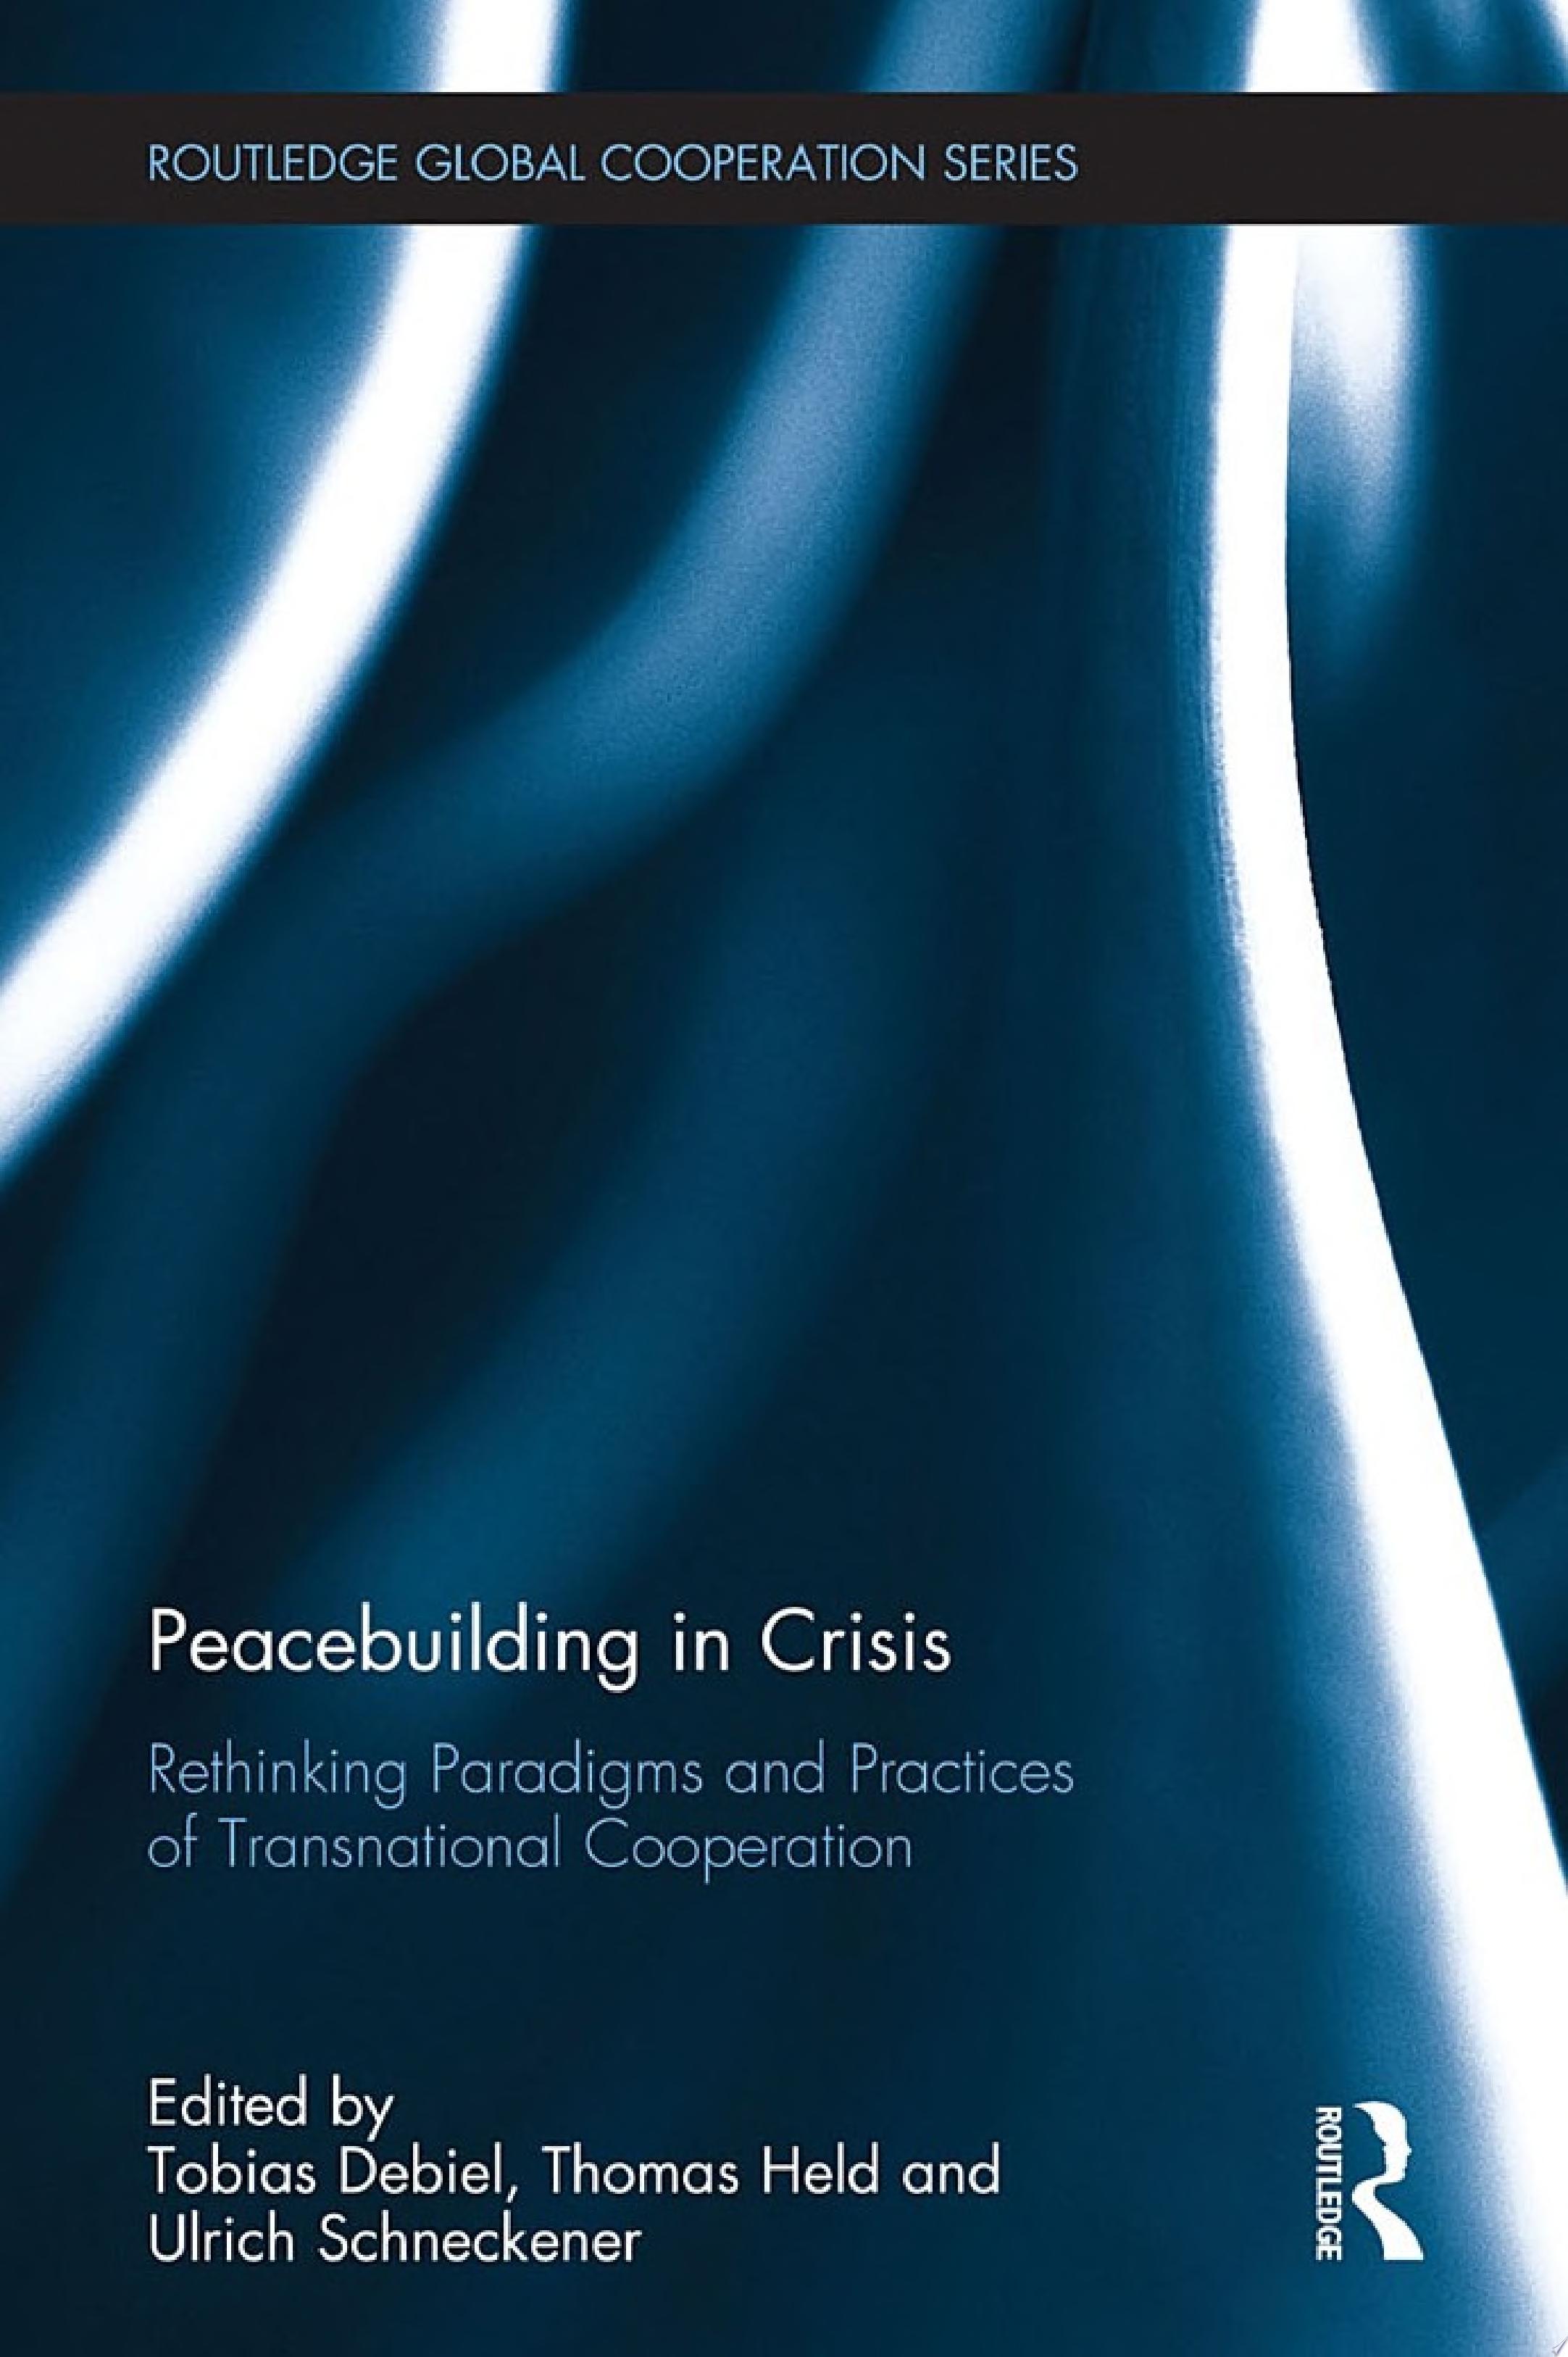 Peacebuilding in Crisis